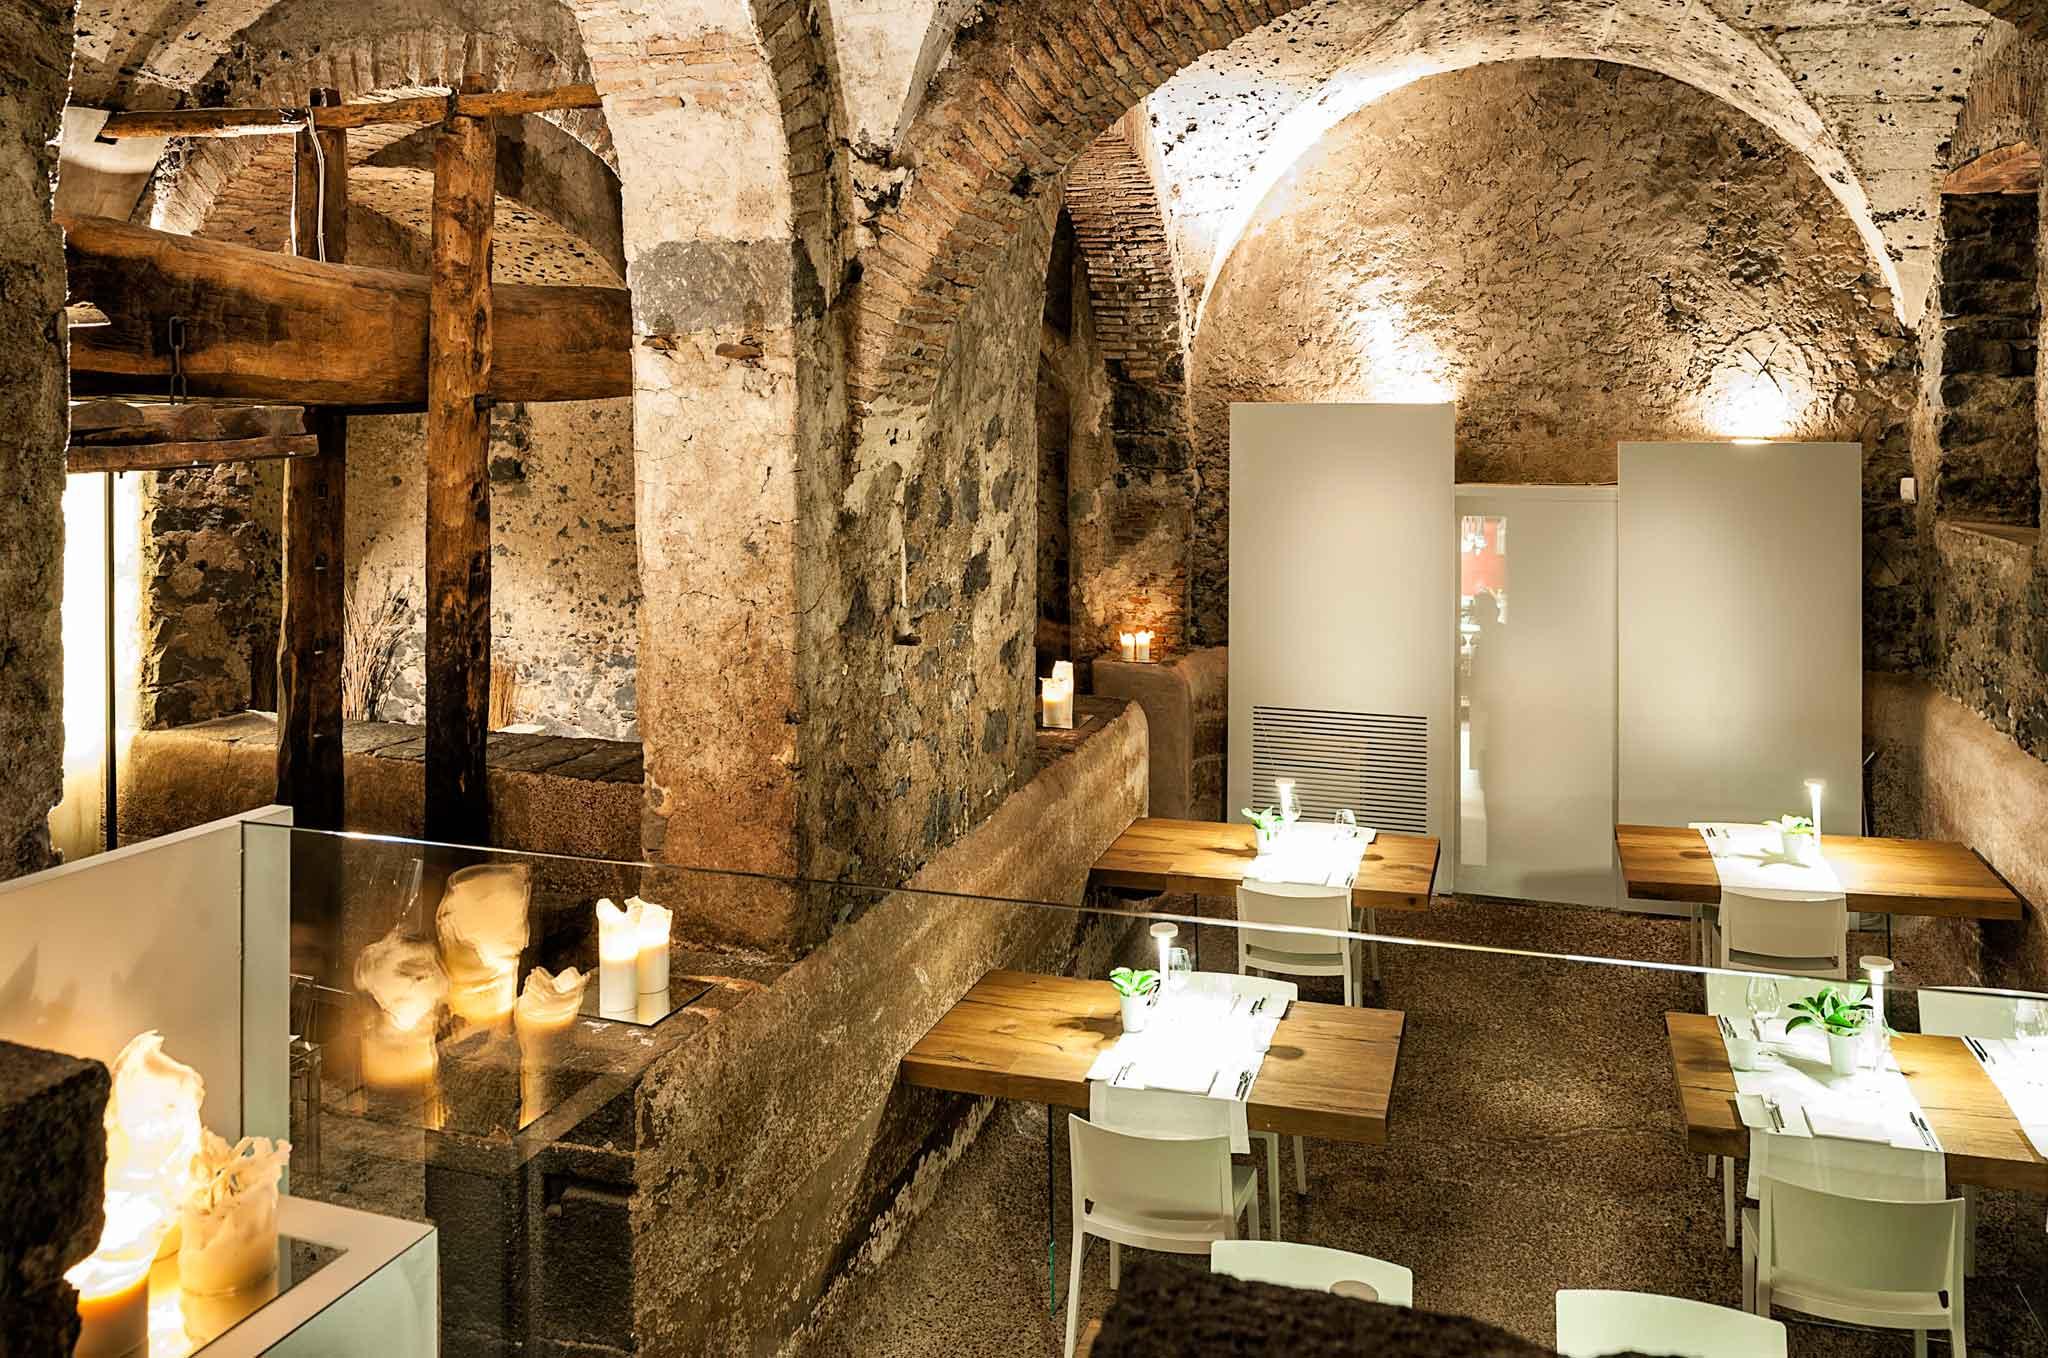 Il ristorante stellato Zash, un luogo in cui si incontrano tradizione e innovazione culinaria